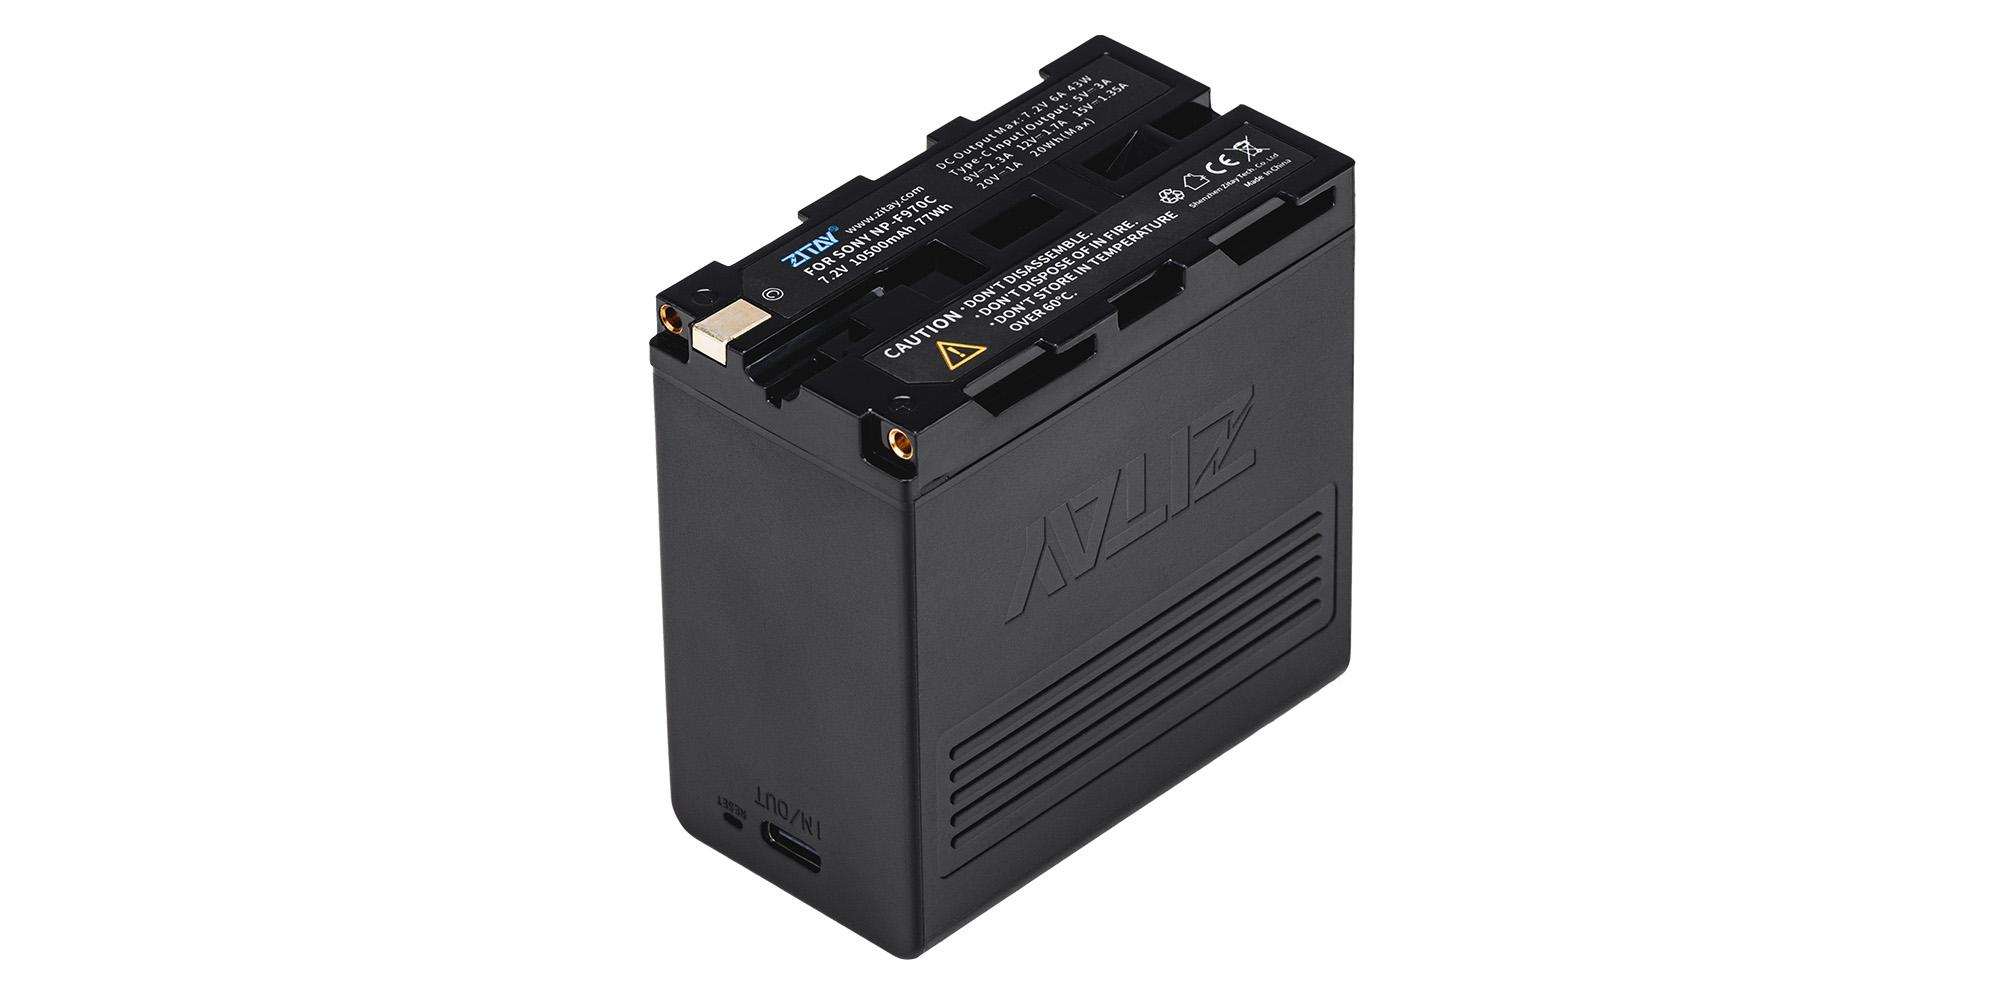 Akumulator Zitay zamiennik NP-F970 - Duża pojemność